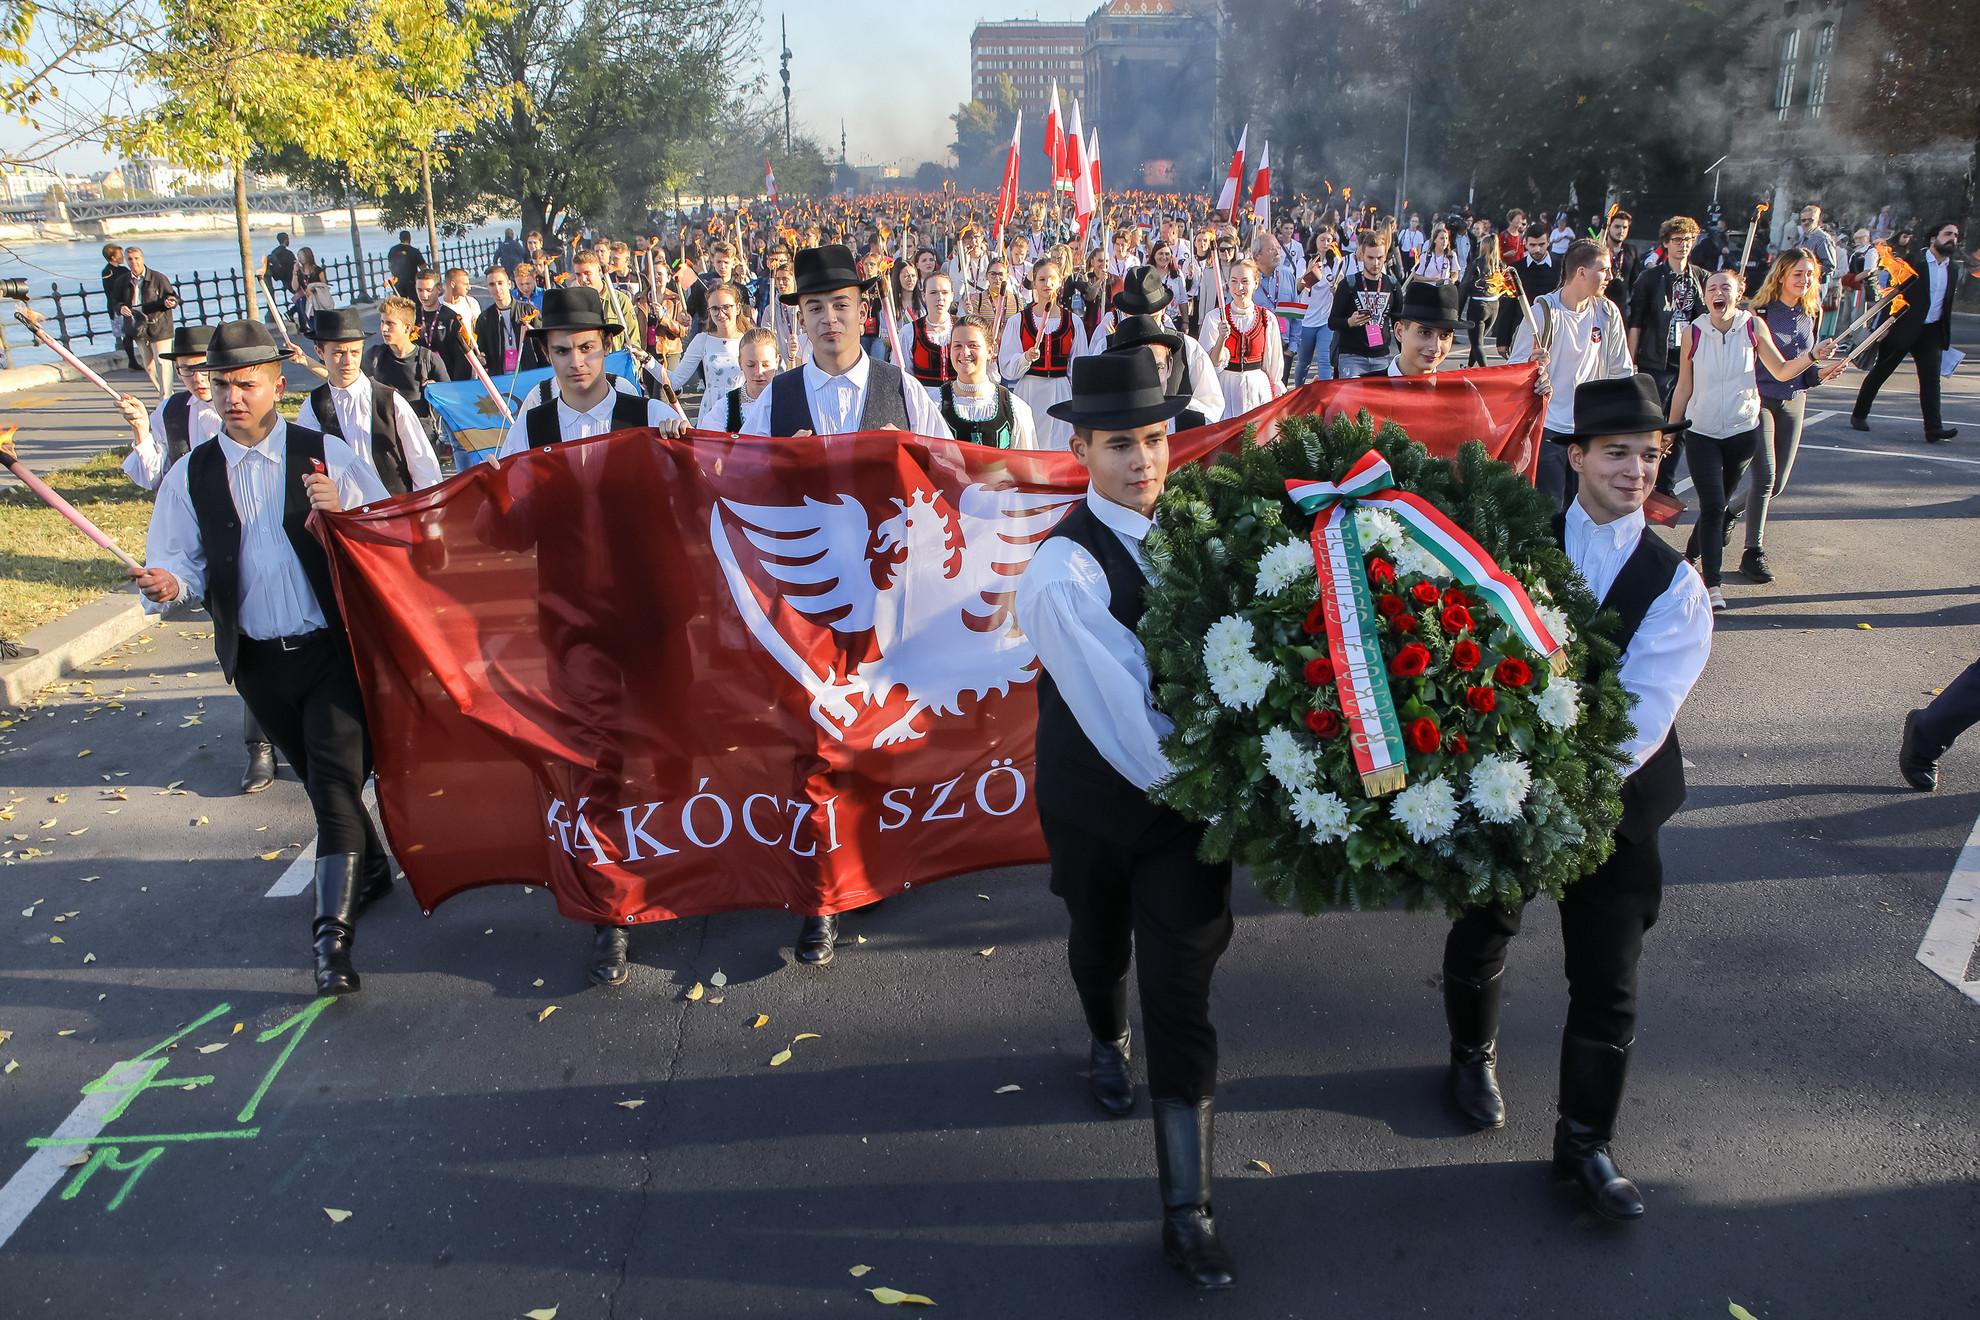 A menettel a forradalom egyik meghatározó eseményeként számon tartott október 22-ei műegyetemi diákgyűlésre emlékeztek. Ezen a hallgatók pontokba szedve fogalmazták meg követeléseiket, és arról is döntöttek, hogy a lengyel nép melletti szolidaritás jegyében másnap, vagyis október 23-án a Bem térre vonulnak.